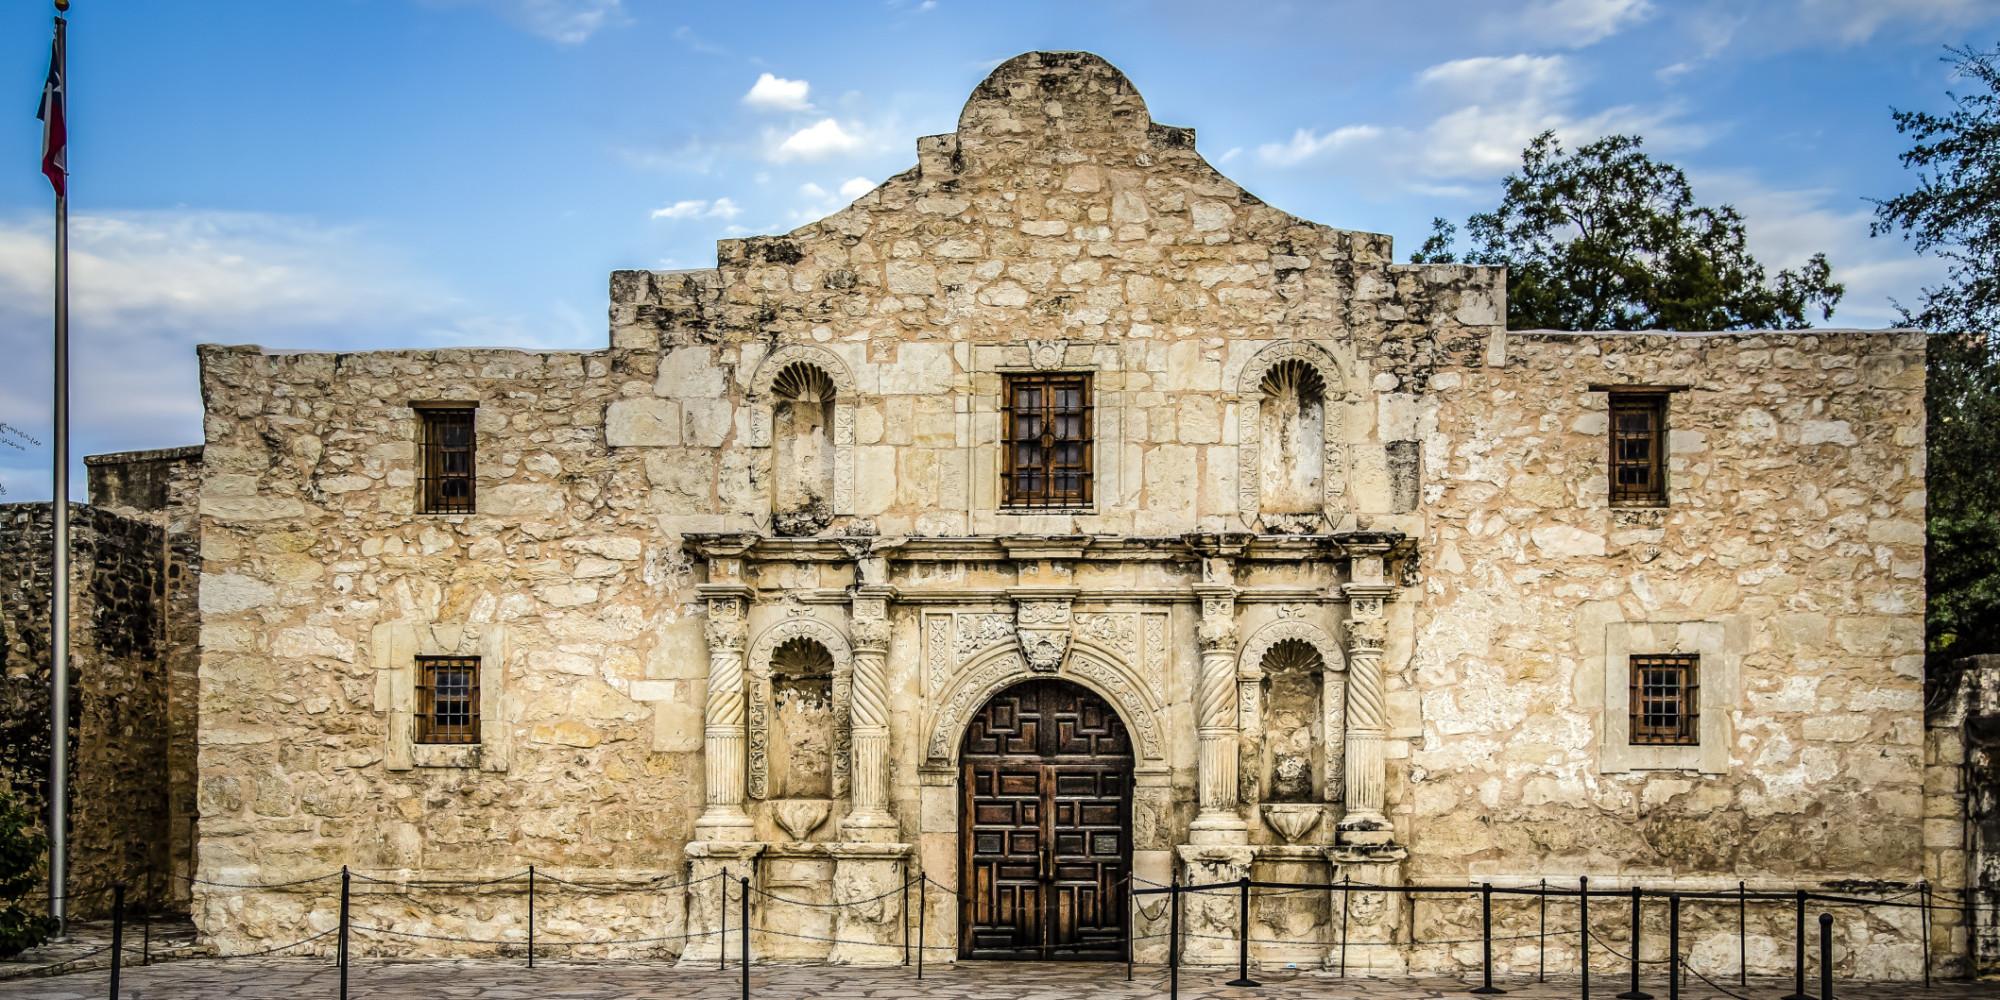 UN Won't Take Over Alamo, George P. Bush Assures Texas ...